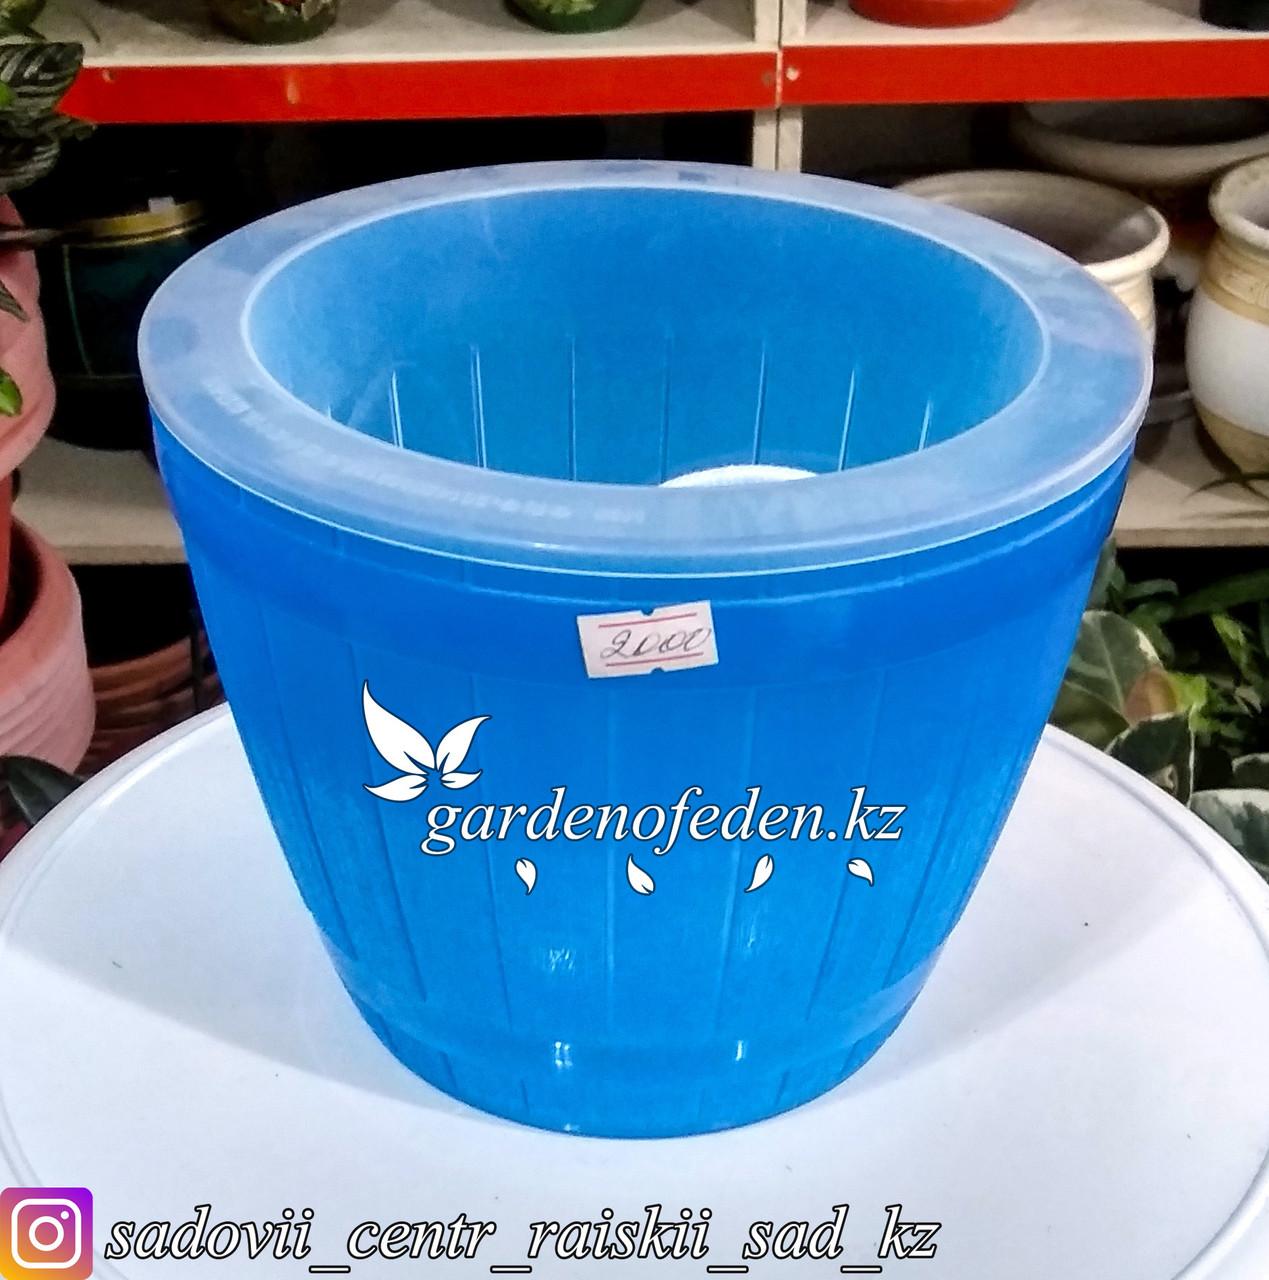 Пластиковое кашпо для цветов с авто (фетильным) поливом. Объем: 2л. Цвет: Синий.